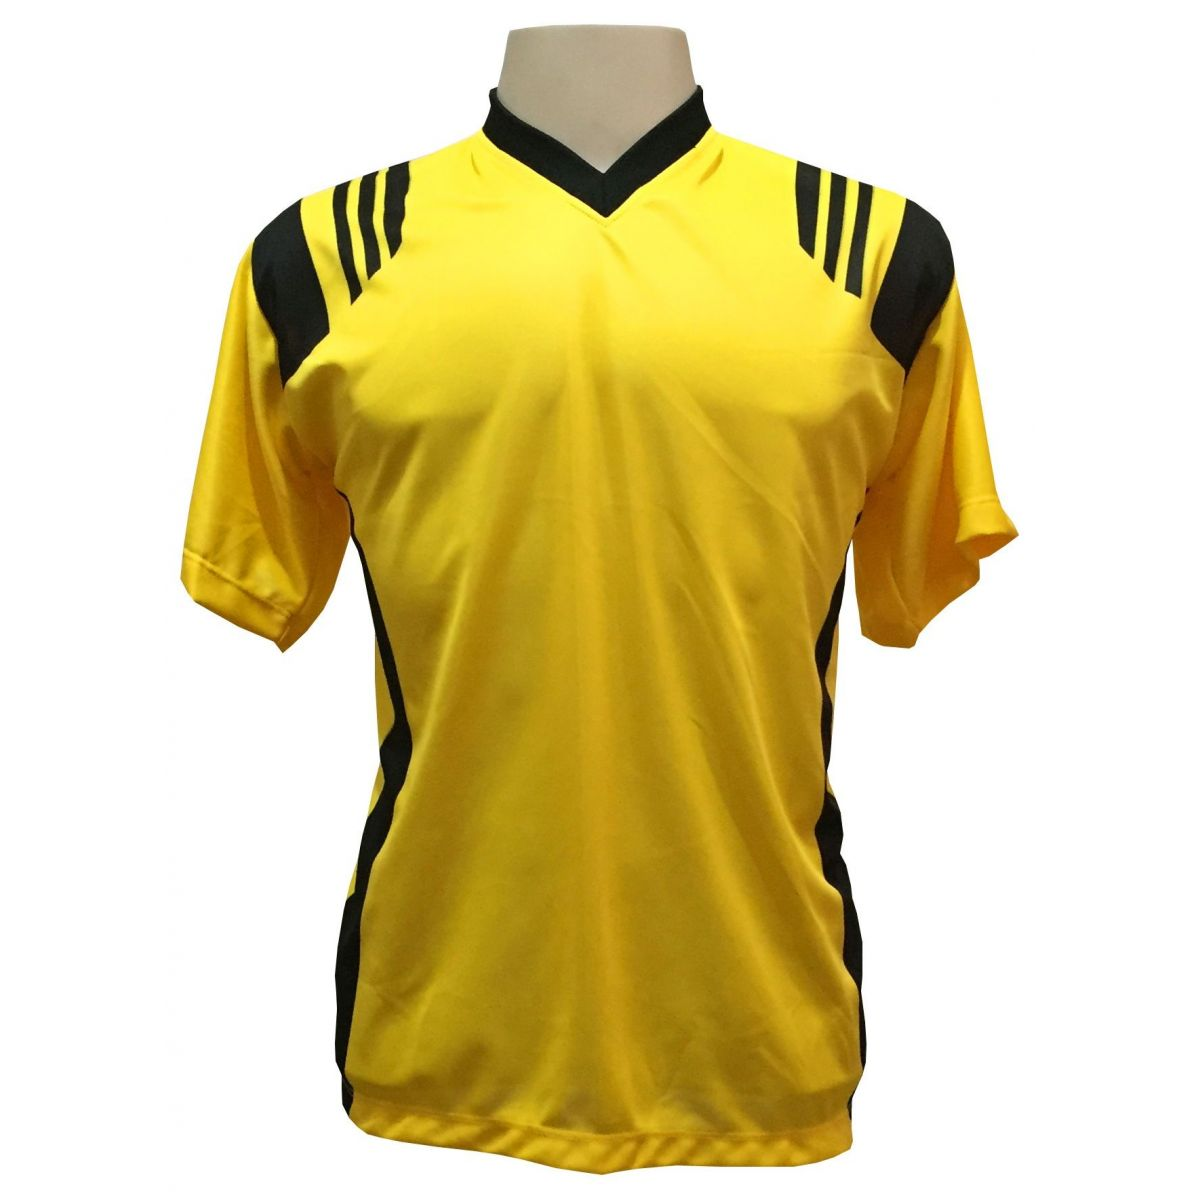 Uniforme Esportivo com 12 Camisas modelo Roma Amarelo/Preto + 12 Calções modelo Madrid Preto